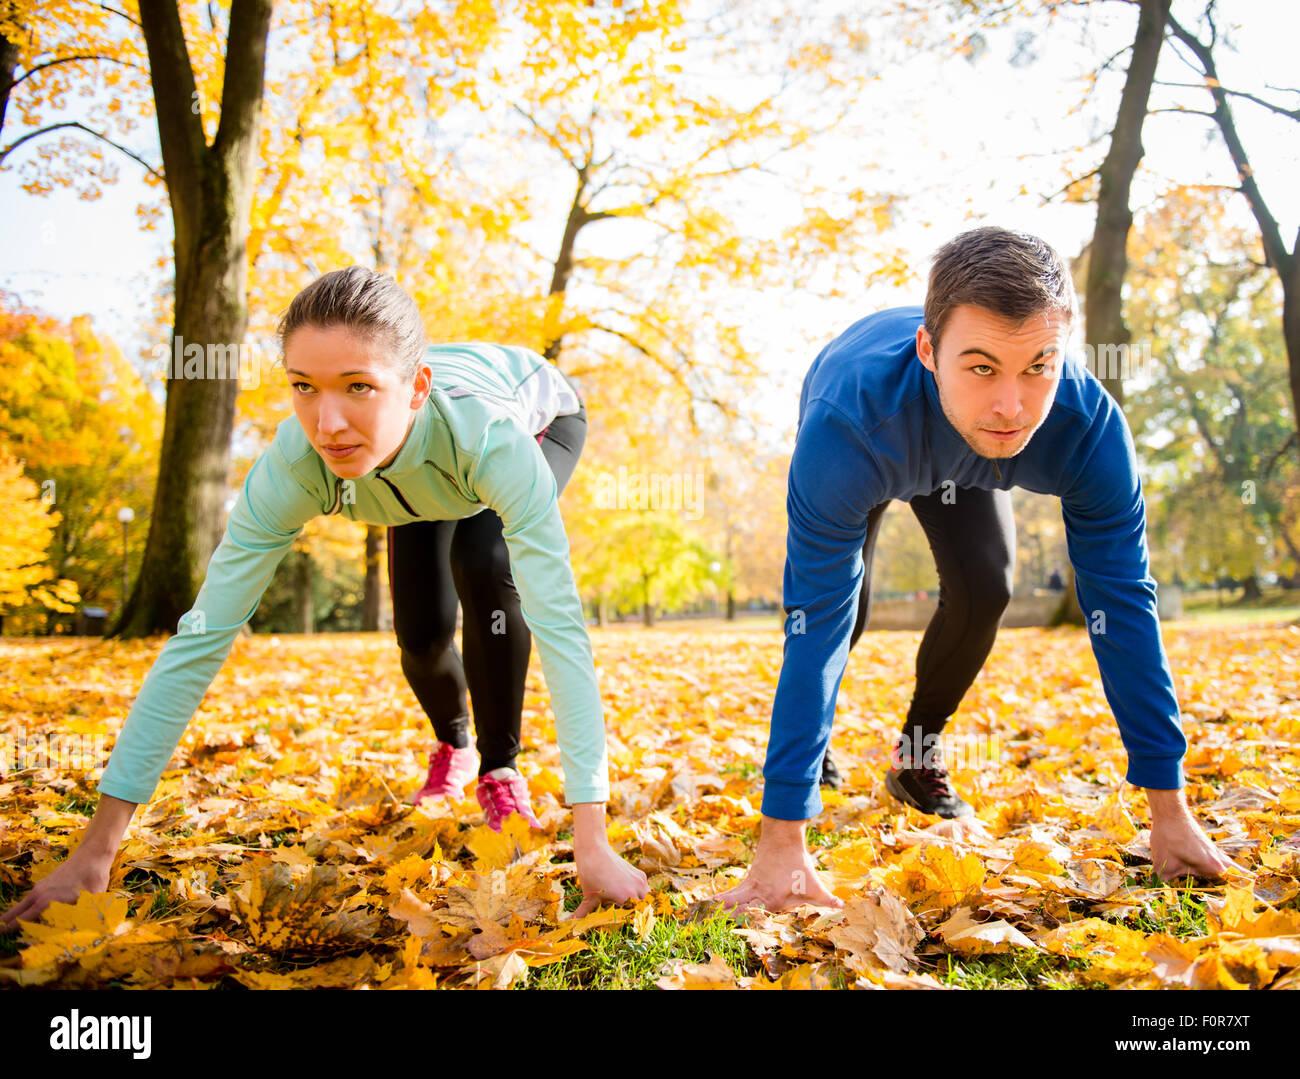 Coppia giovane nella posizione di partenza pronta per l'esecuzione in autunno la natura Immagini Stock